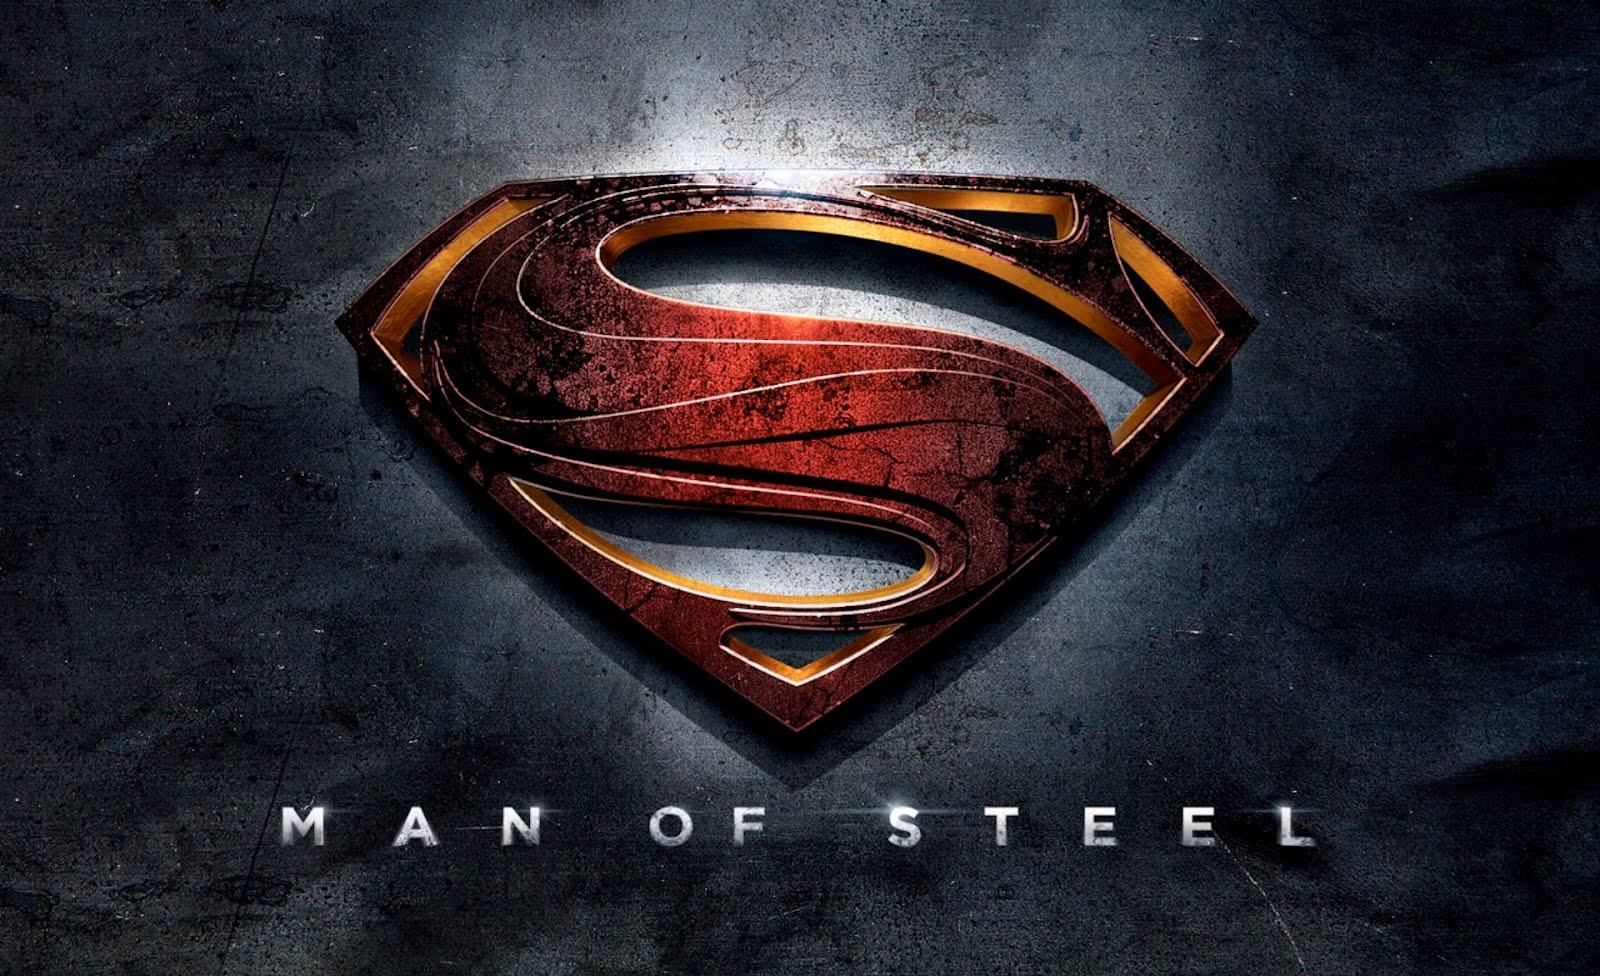 Superman Man Of Steel 2013 HQ HQ Wallpapers 1600x976